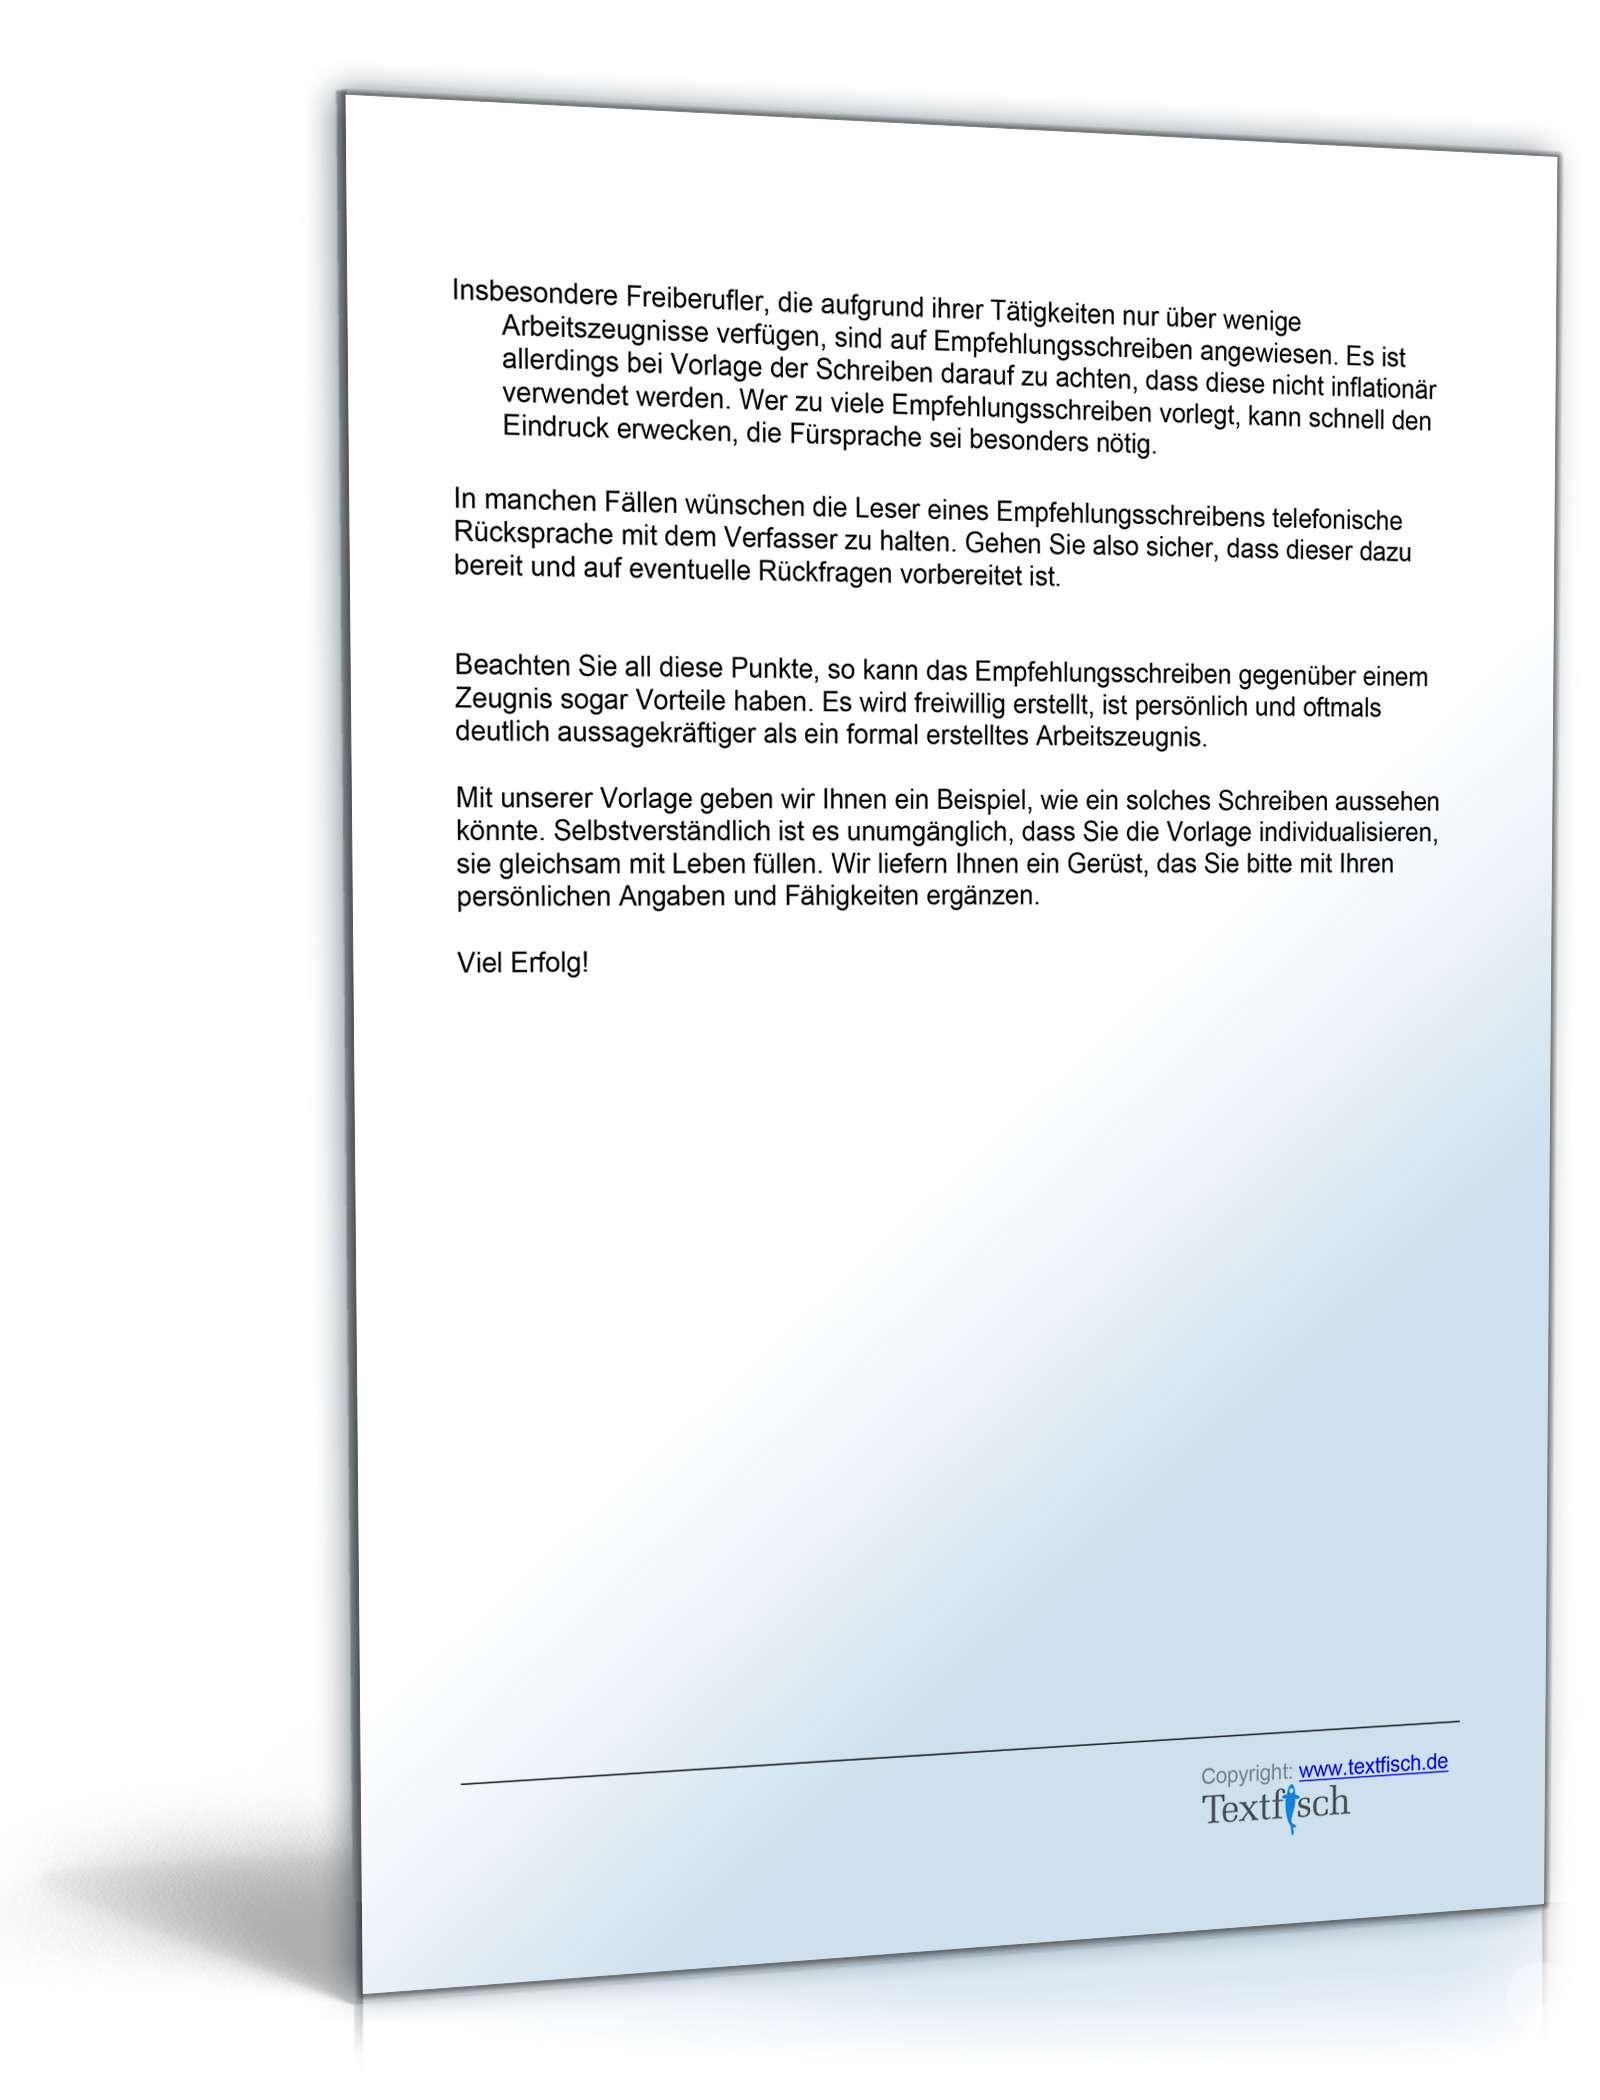 Empfehlungsschreiben Freiberufler   Vorlage zum Download